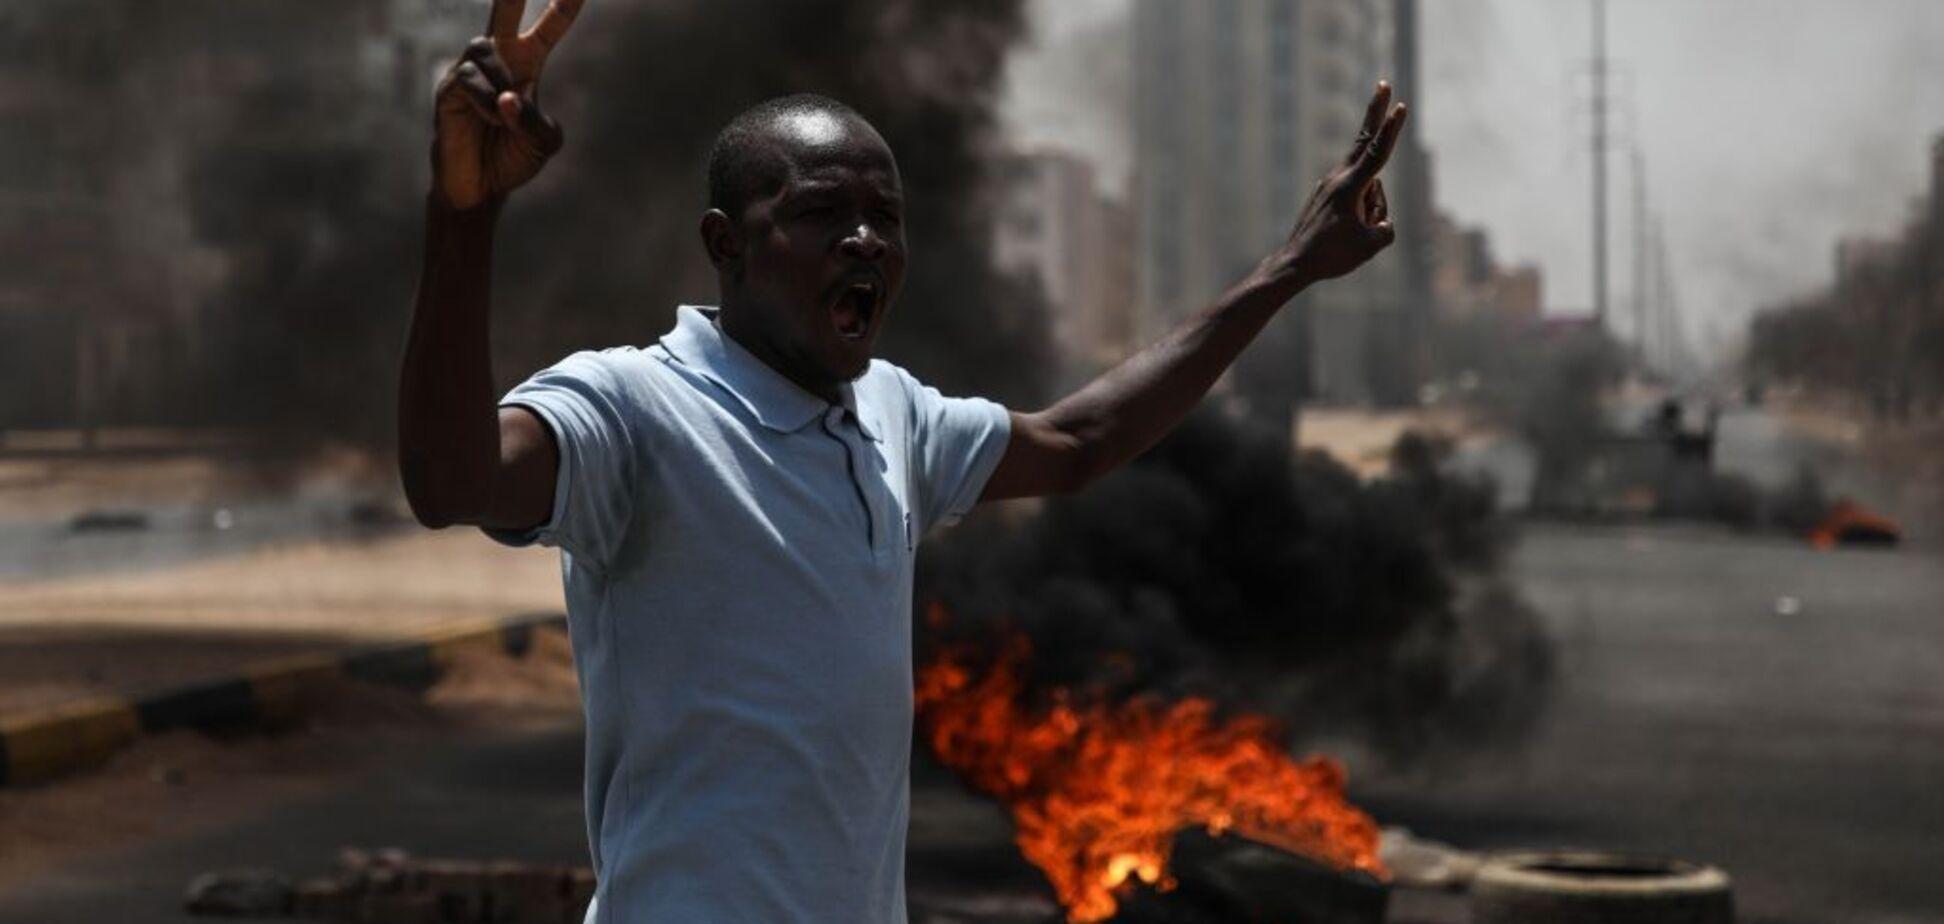 Госпереворот в Судане: более 30 человек погибли во время силового разгона митинга